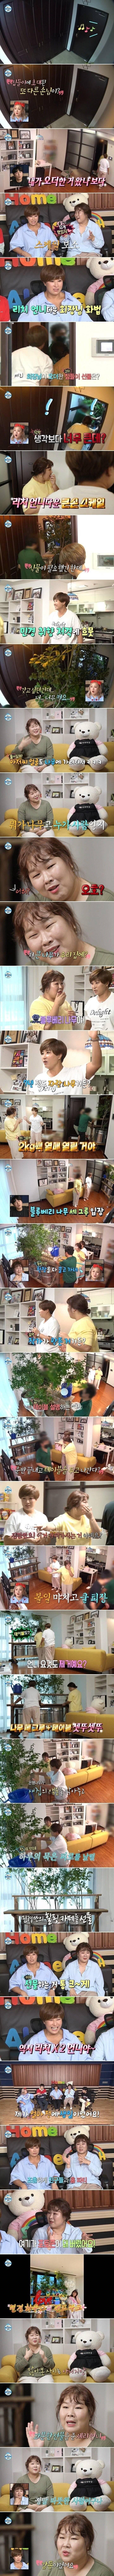 박세리가 김민경에게 준 집들이 선물 클라스.jpg | 인스티즈